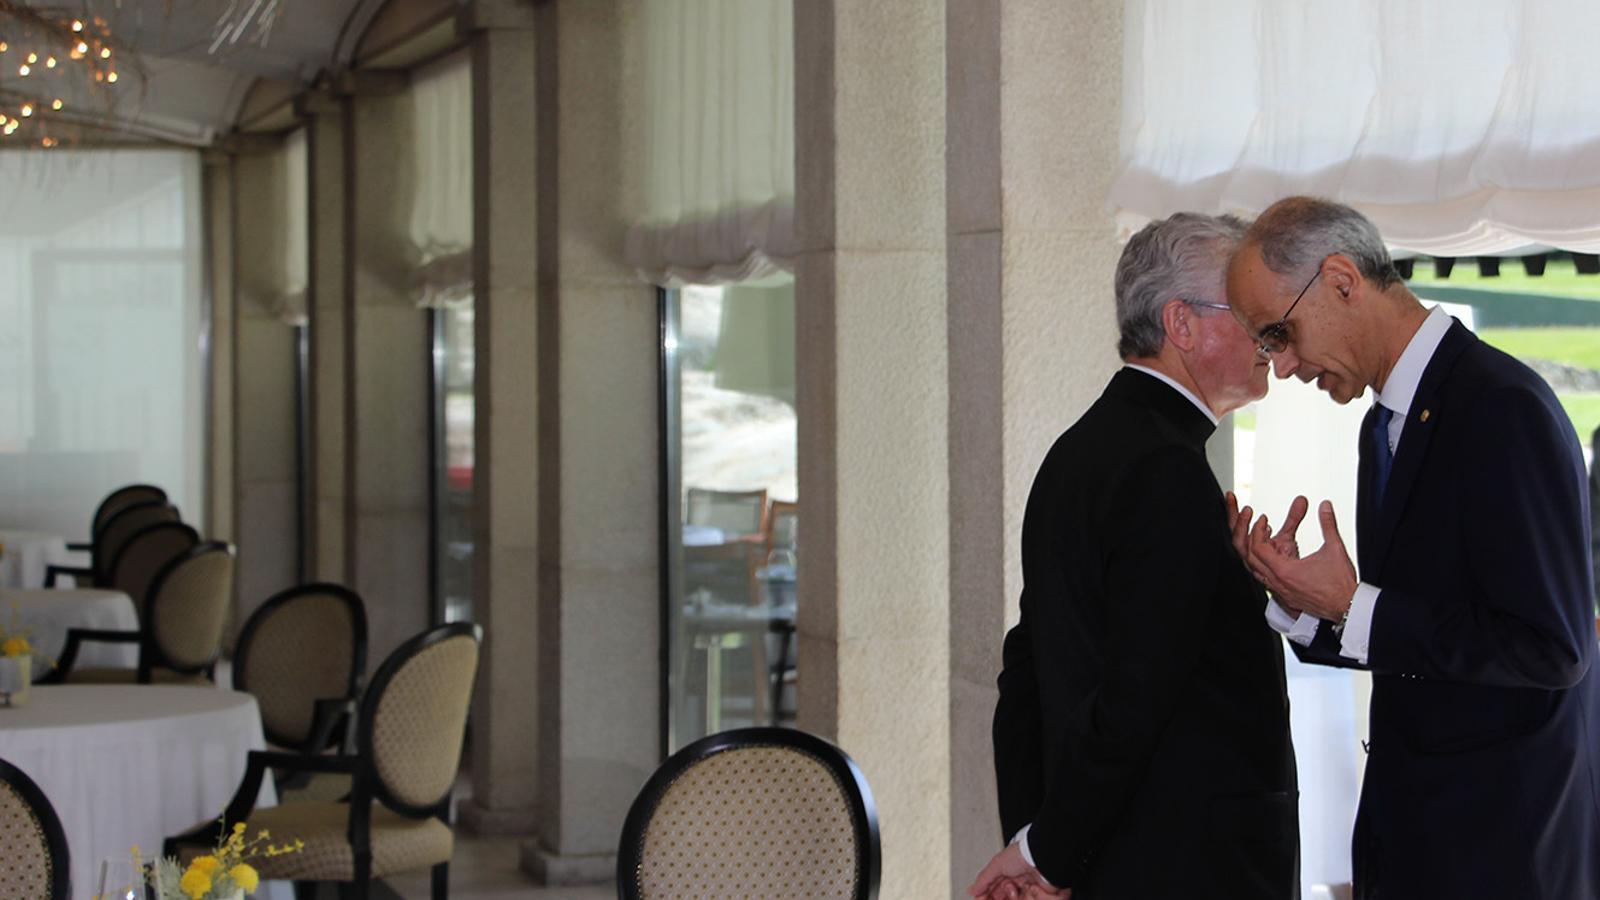 El copríncep episcopal, Joan-Enric Vives, i el cap de Govern, Toni Martí, parlen en un saló de l'hotel on ha tingut lloc l'acte d'aquest dijous. / B. N.